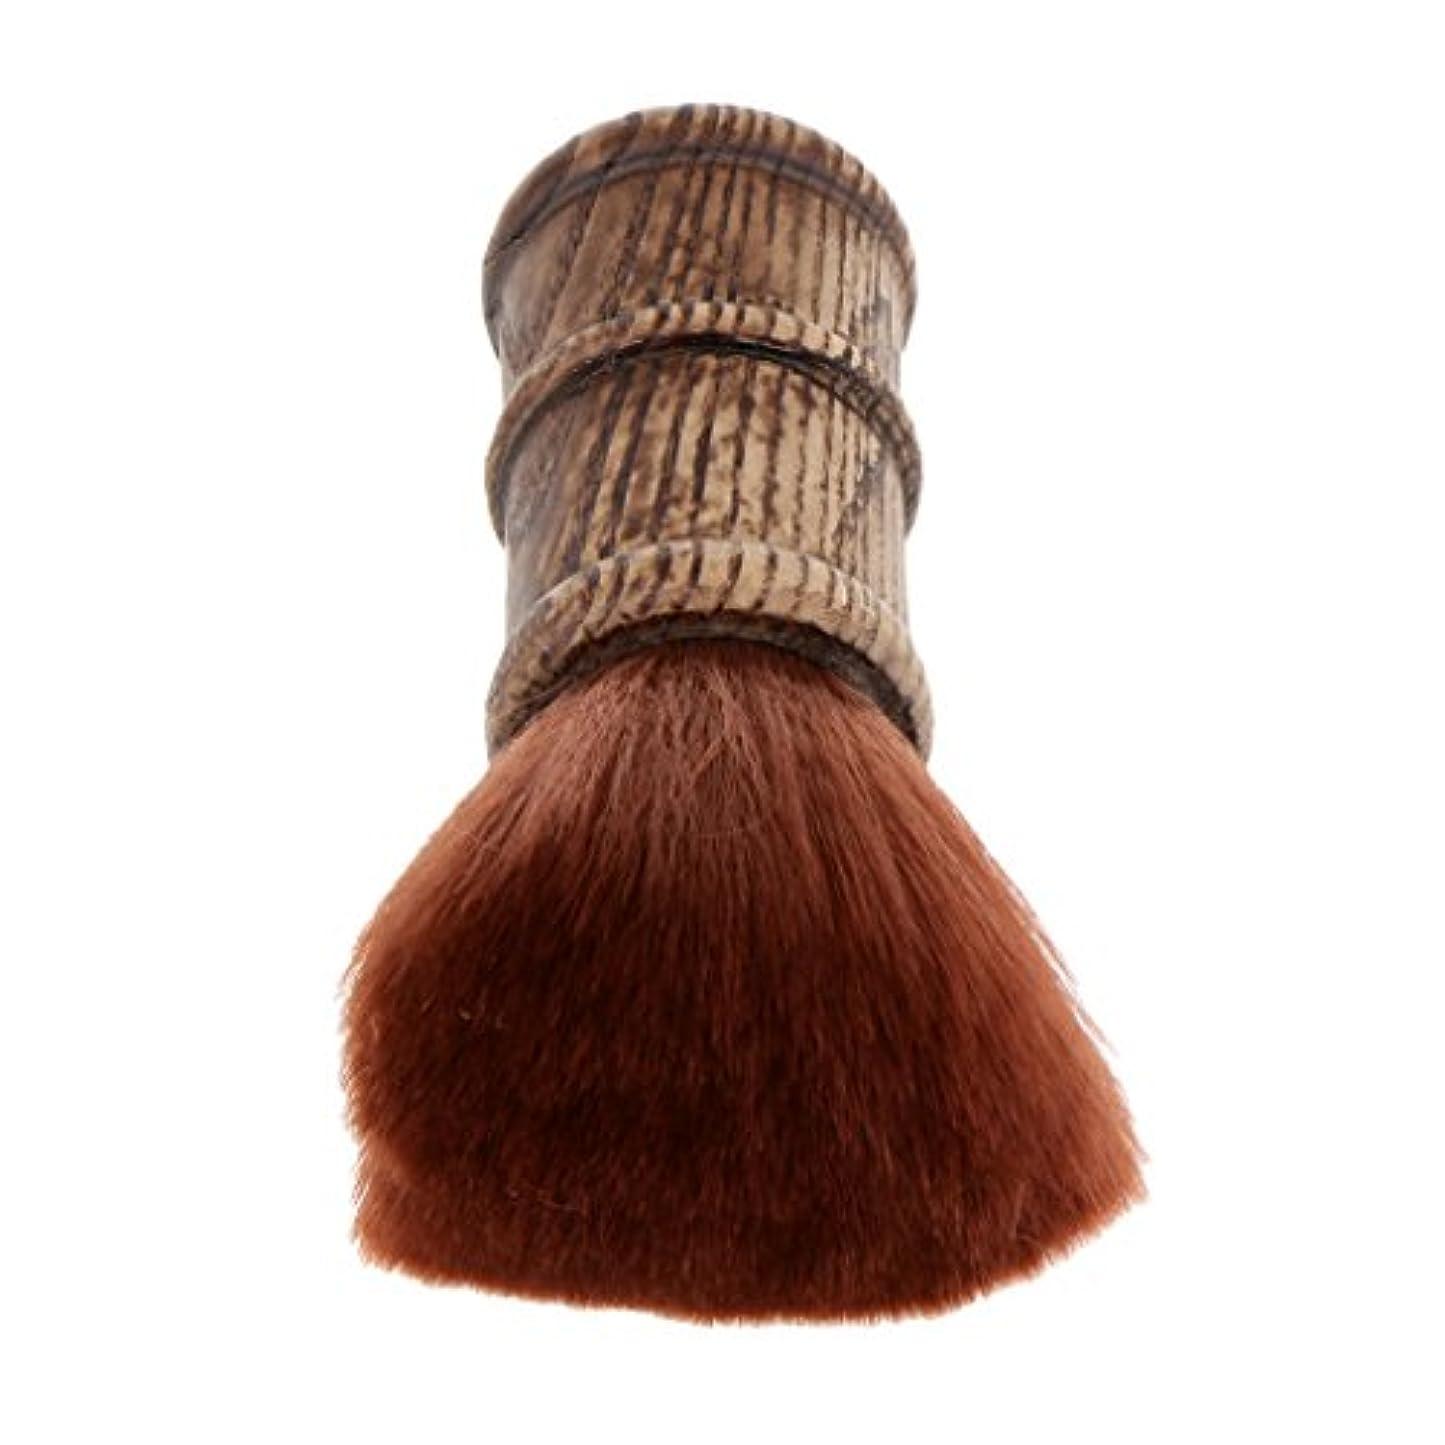 みぞれ摘むBlesiya ネックダスターブラシ ヘアカットブラシ ブラシ プロ サロン 柔らかい 自宅用 ヘアスタイリスト ヘアカット 散髪 理髪師 2色選べる - 褐色